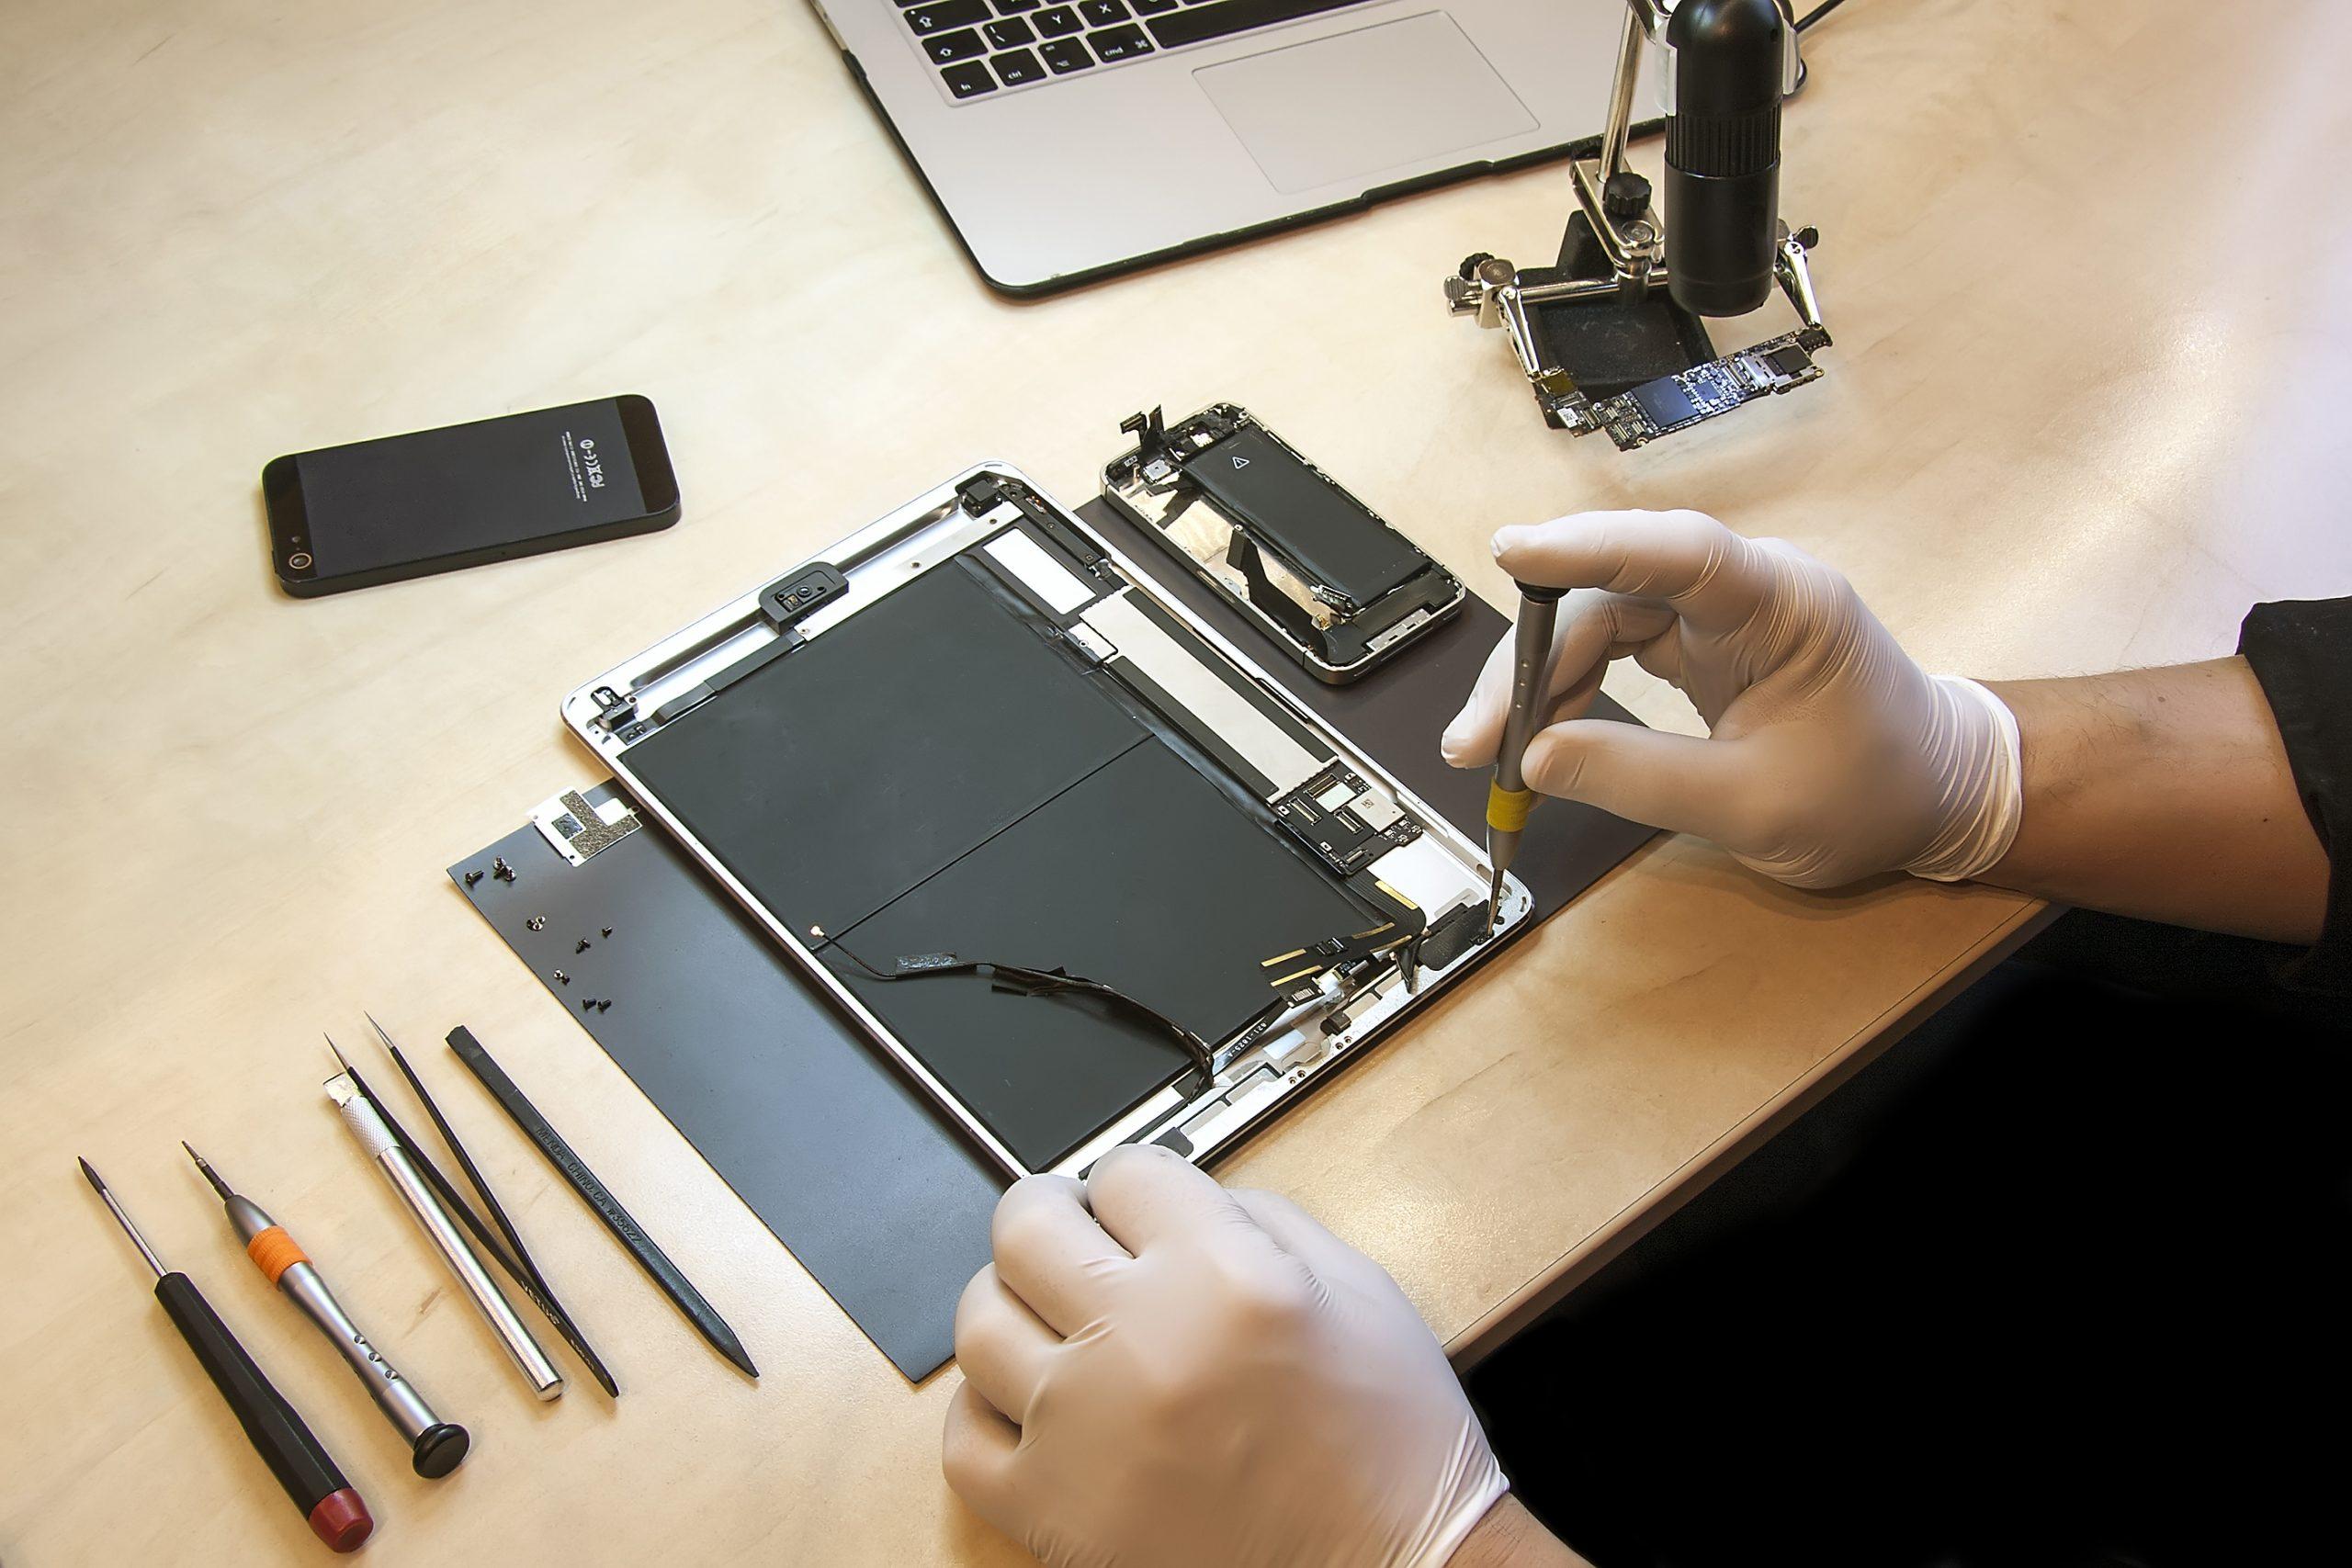 تعمیرات تخصصی گوشی اپل در تهران | گارانتی اپل